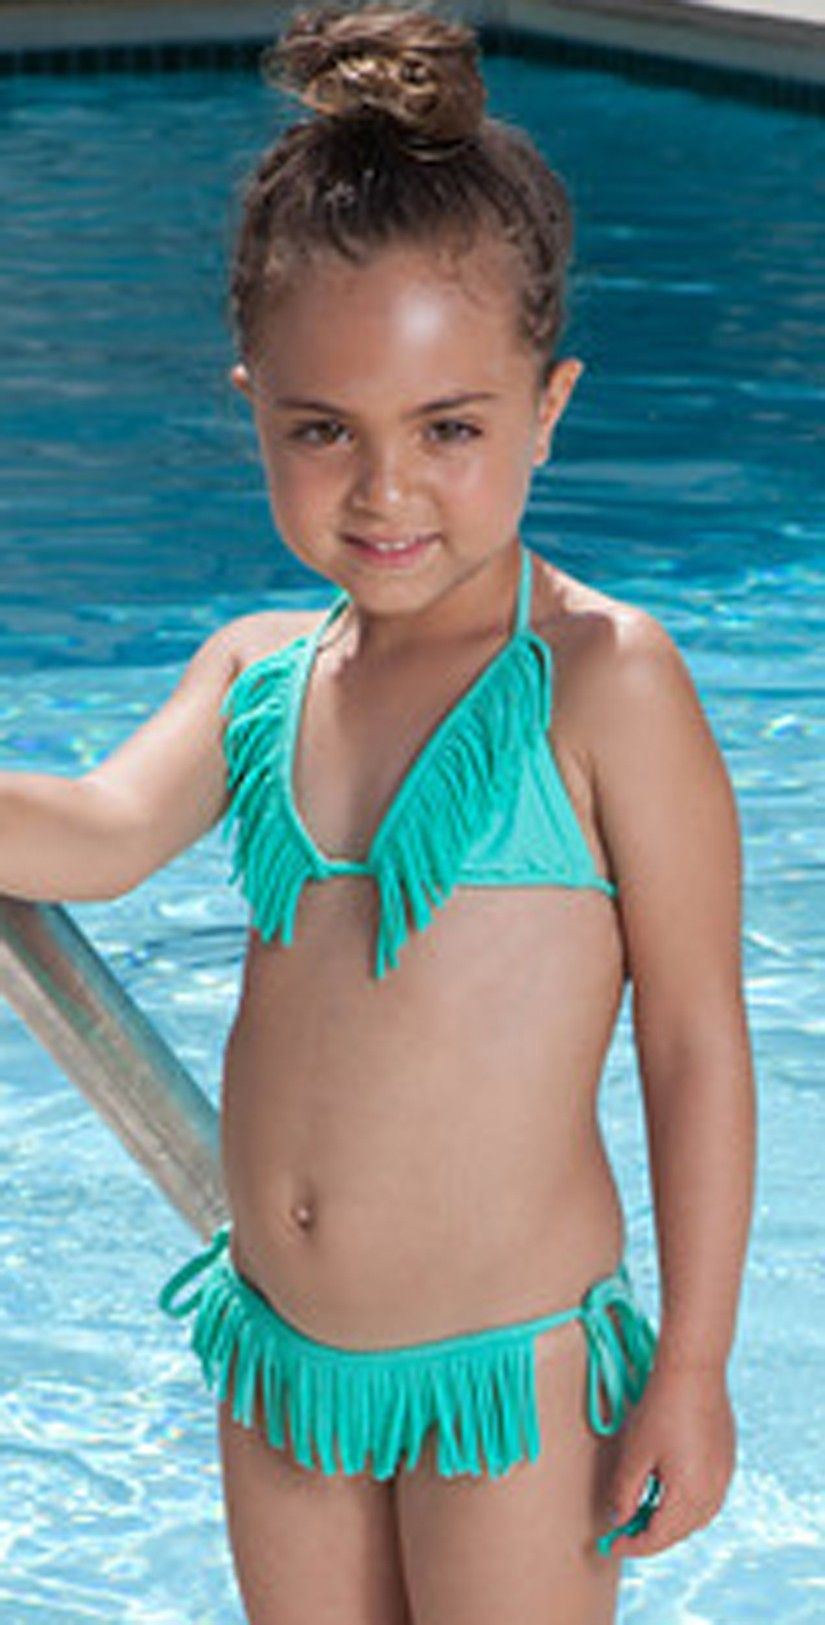 72dddc7b0cb06 PilyQ 2013 Kids Blue Fringe Bikini - Swimsuits | KIDS' STUFF ...